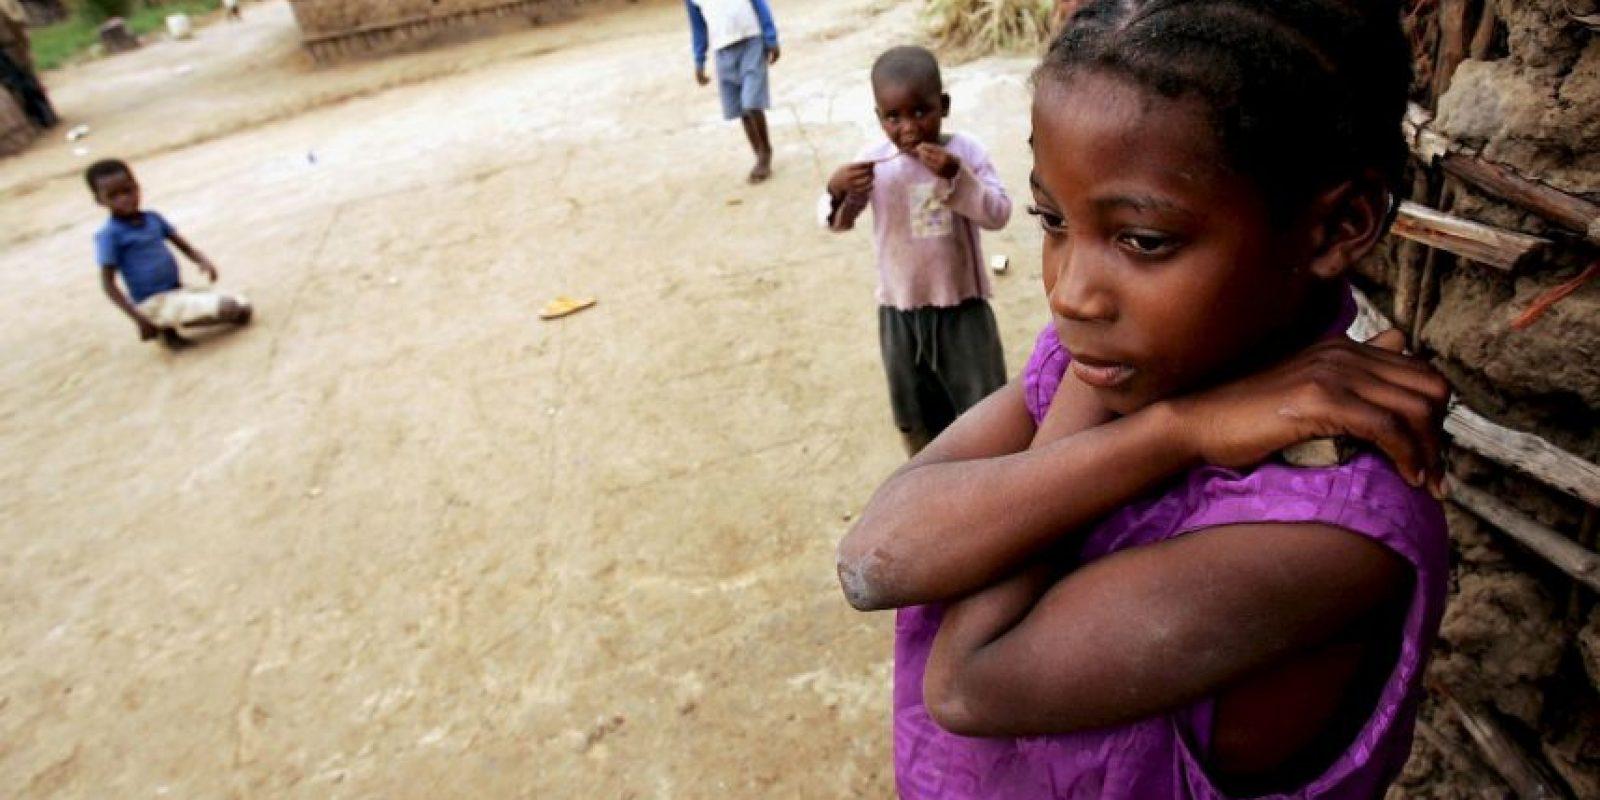 Se cree que los genitales femeninos son sucios y antiestéticos. Foto:Getty Images